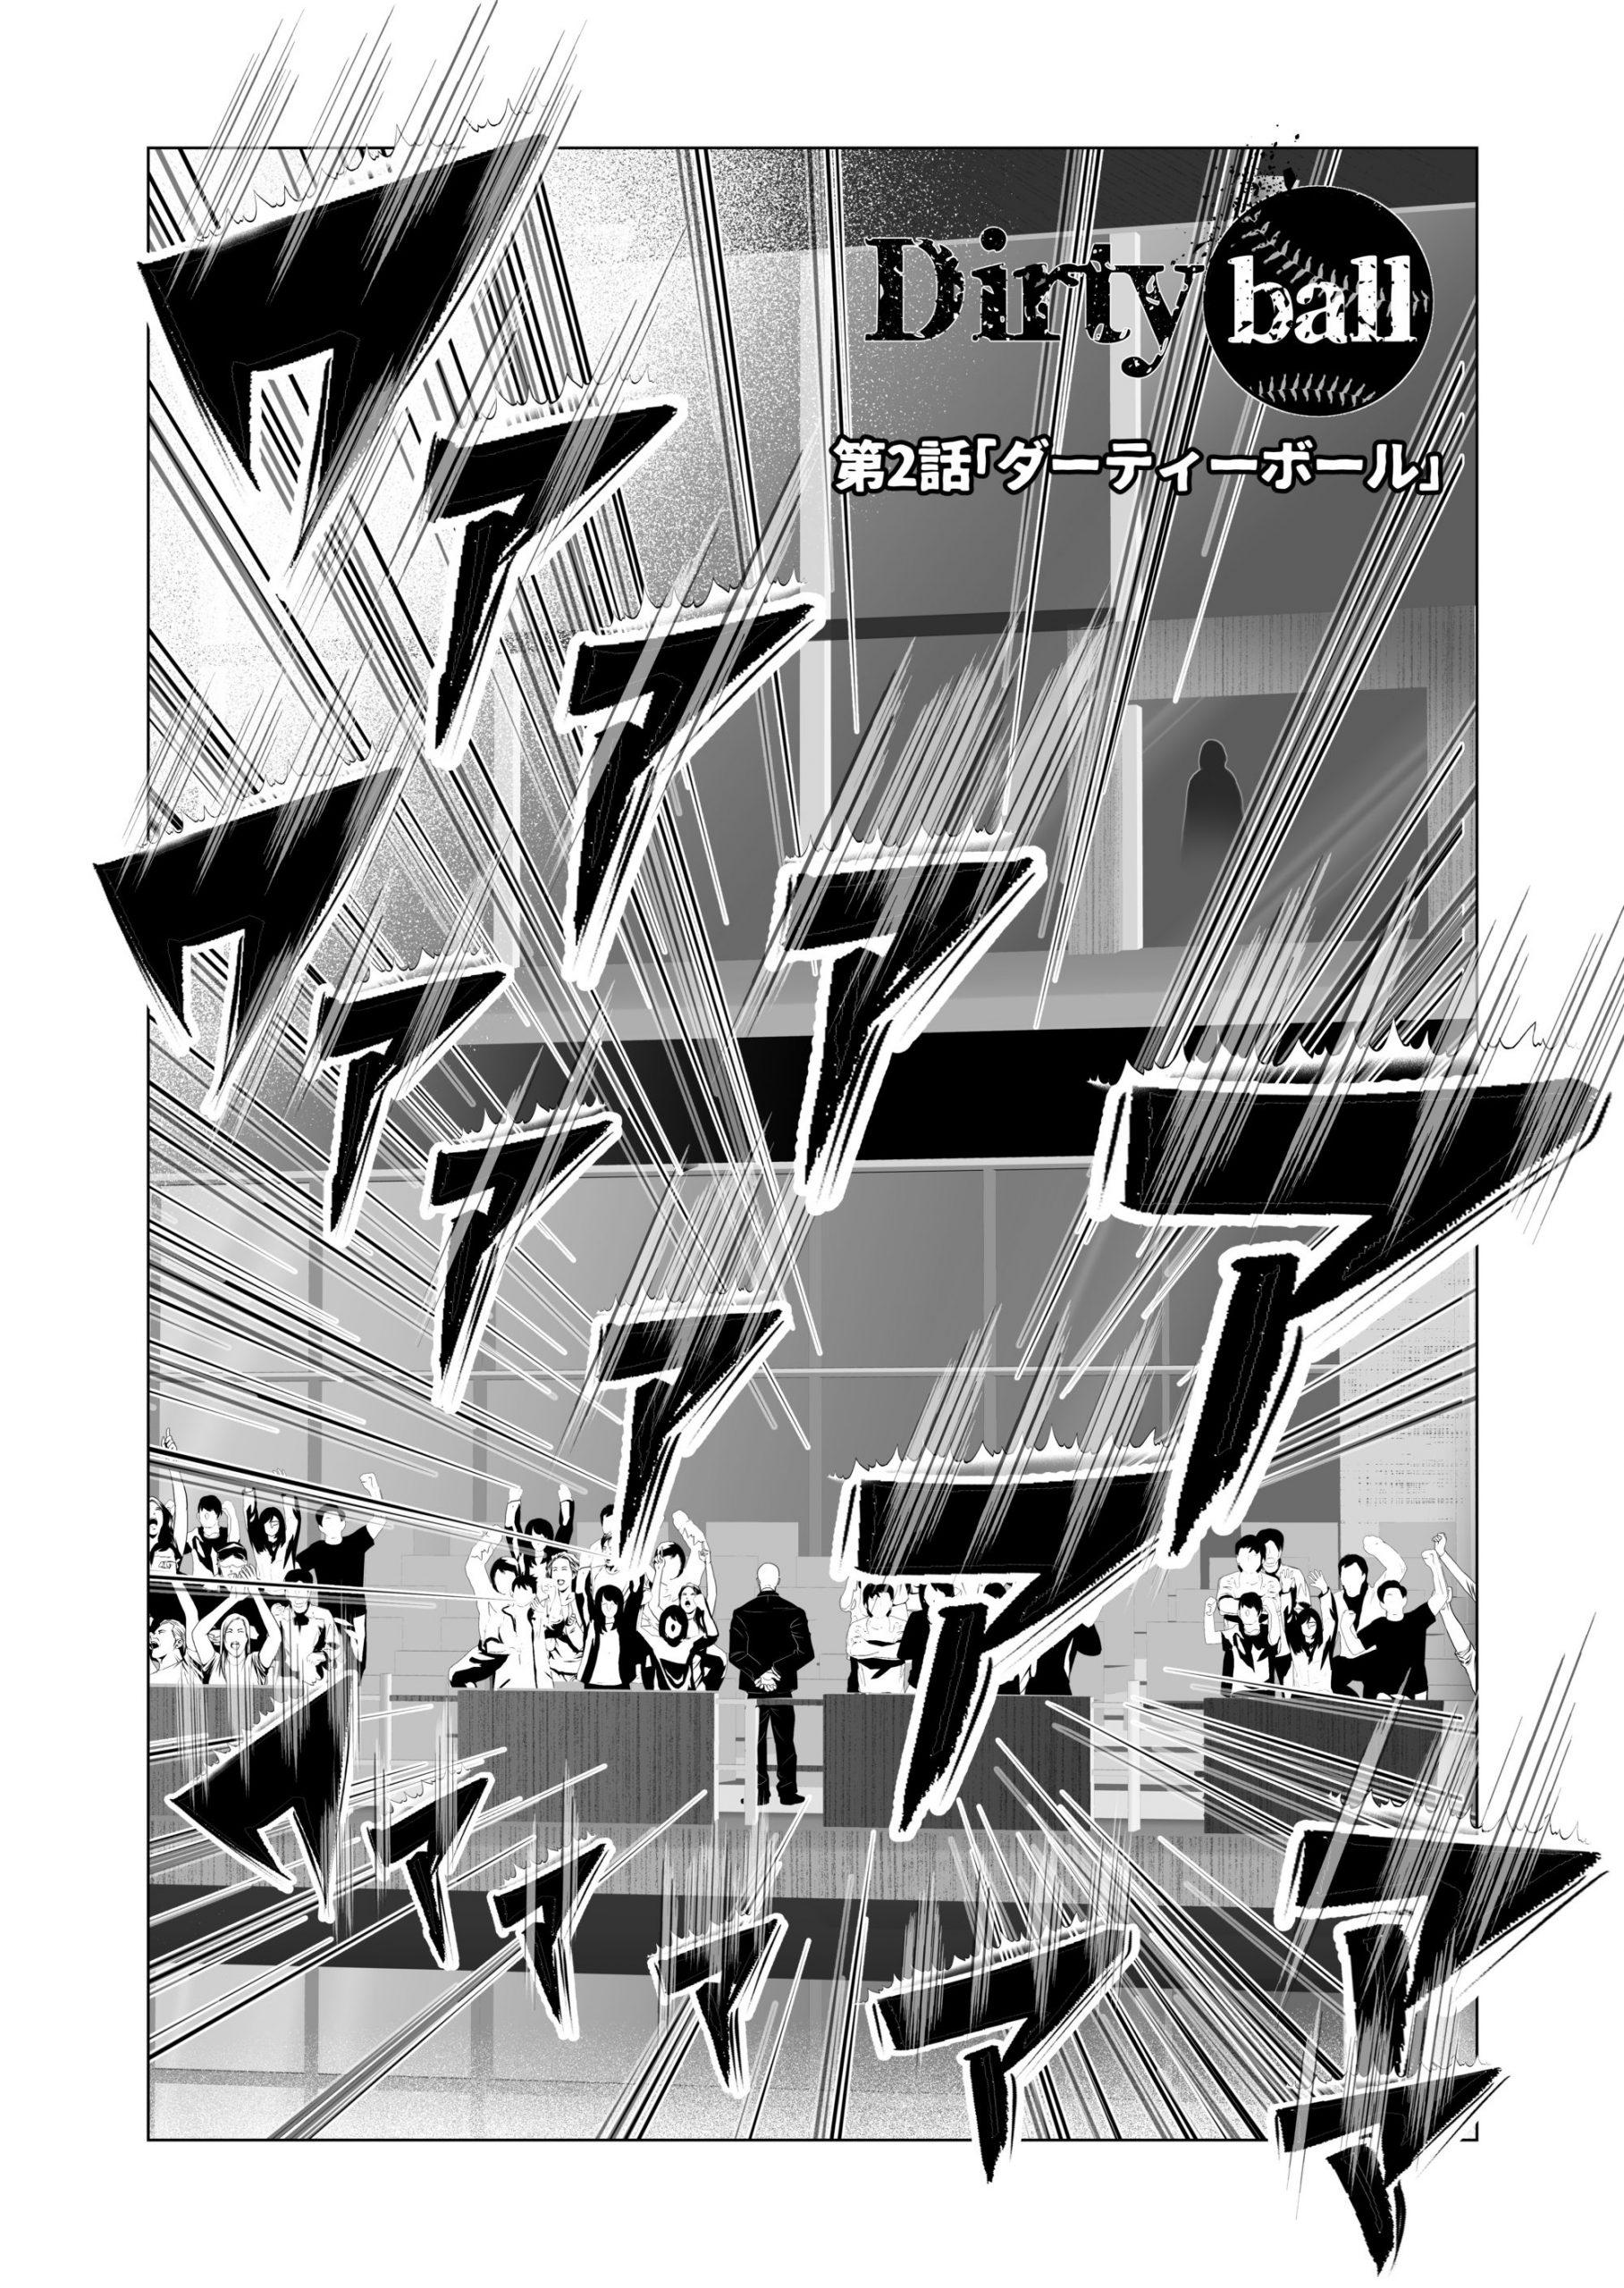 無料野球漫画ダーティーボール2話「ダーティーボール」